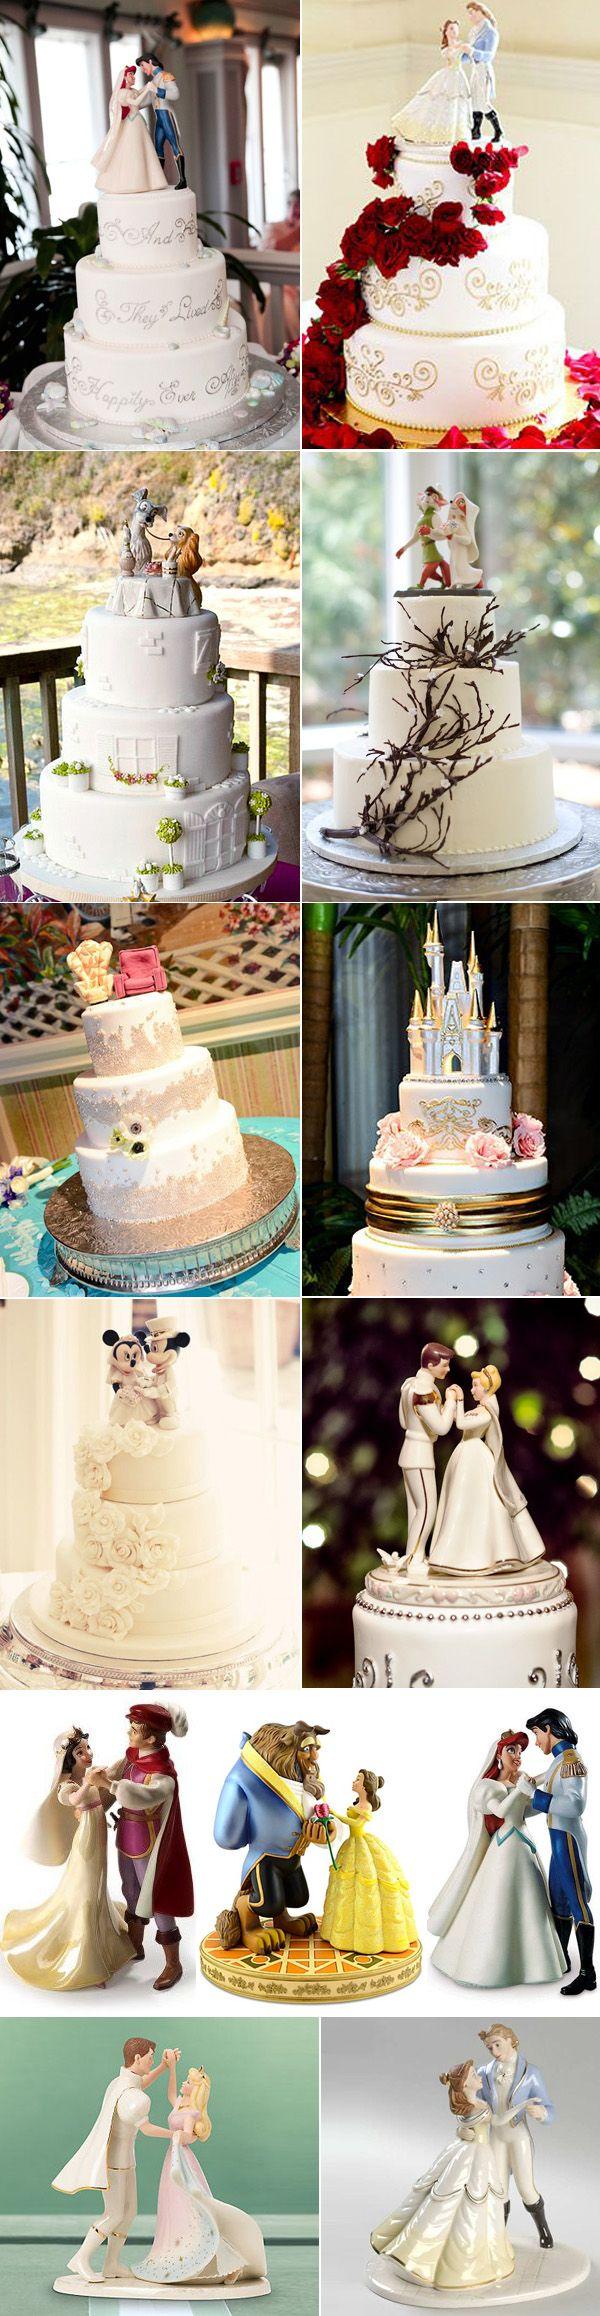 Muñecos de torta dignos de las princesas de Disney.